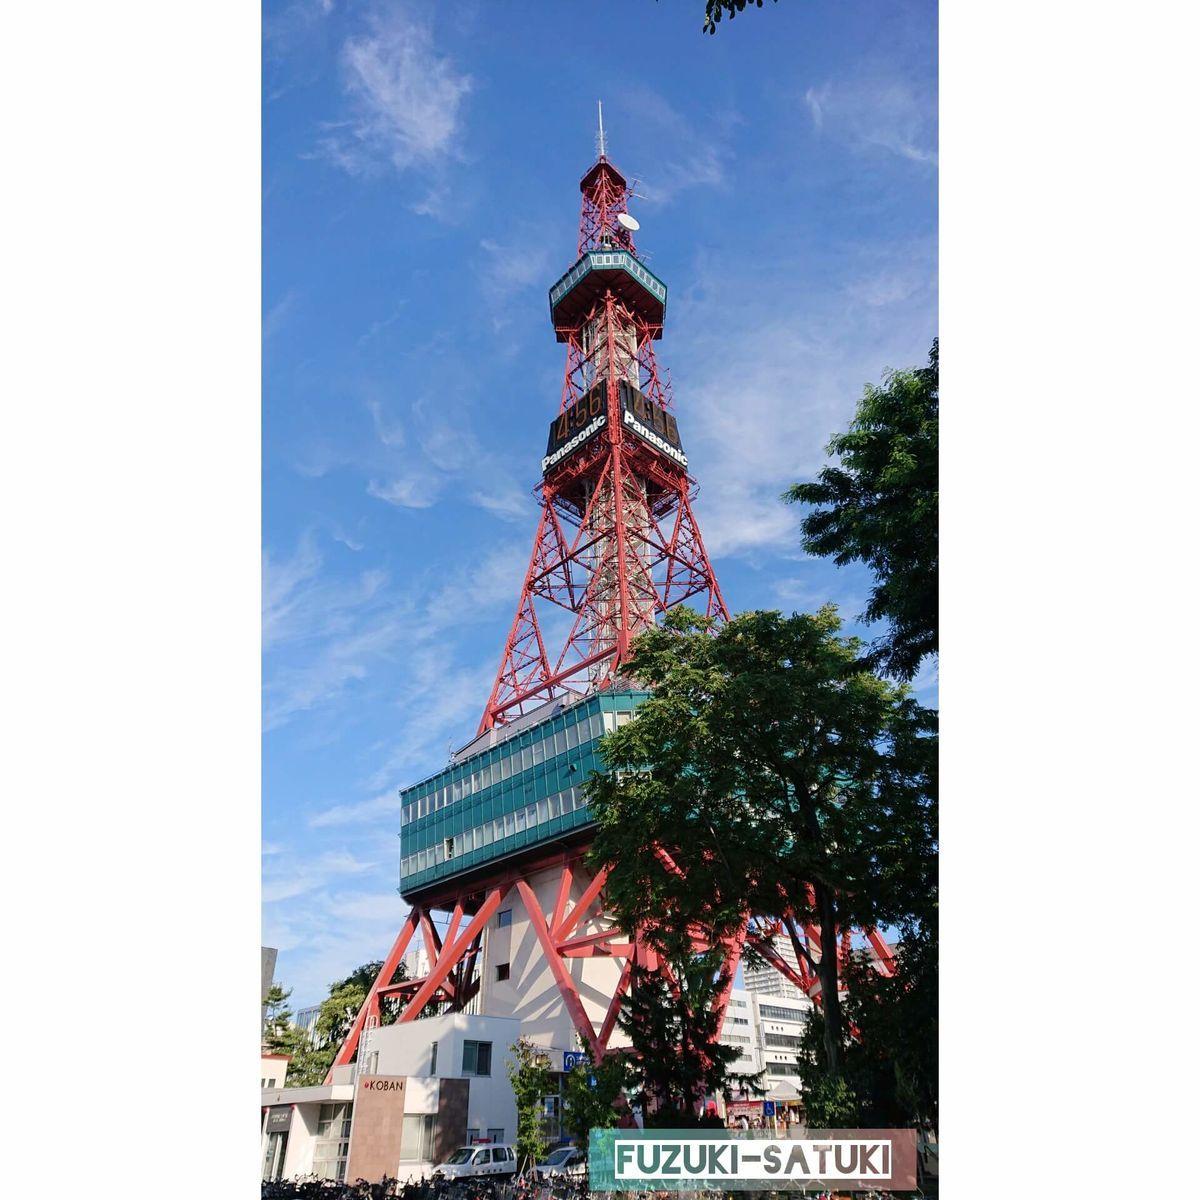 さっぽろテレビ塔の外観の写真